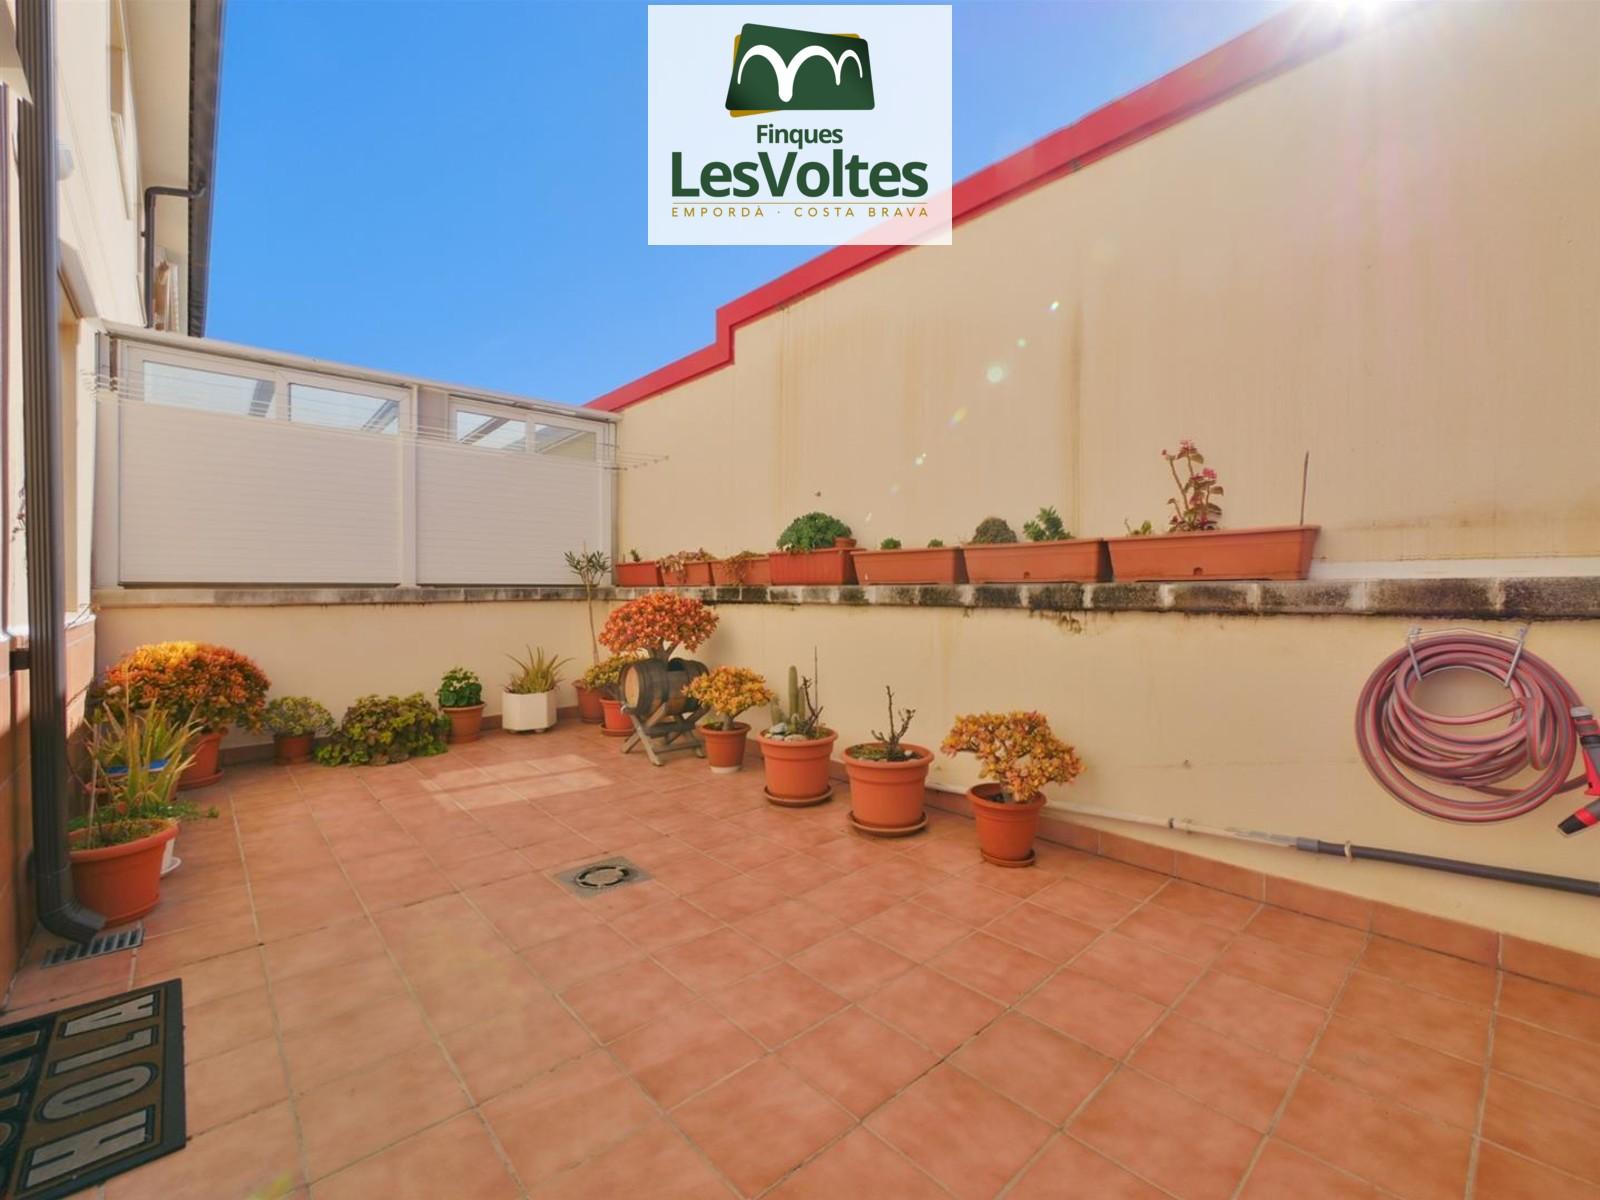 Gran pis amb terrassa, pàrquing i traster en venda a Palafrugell.